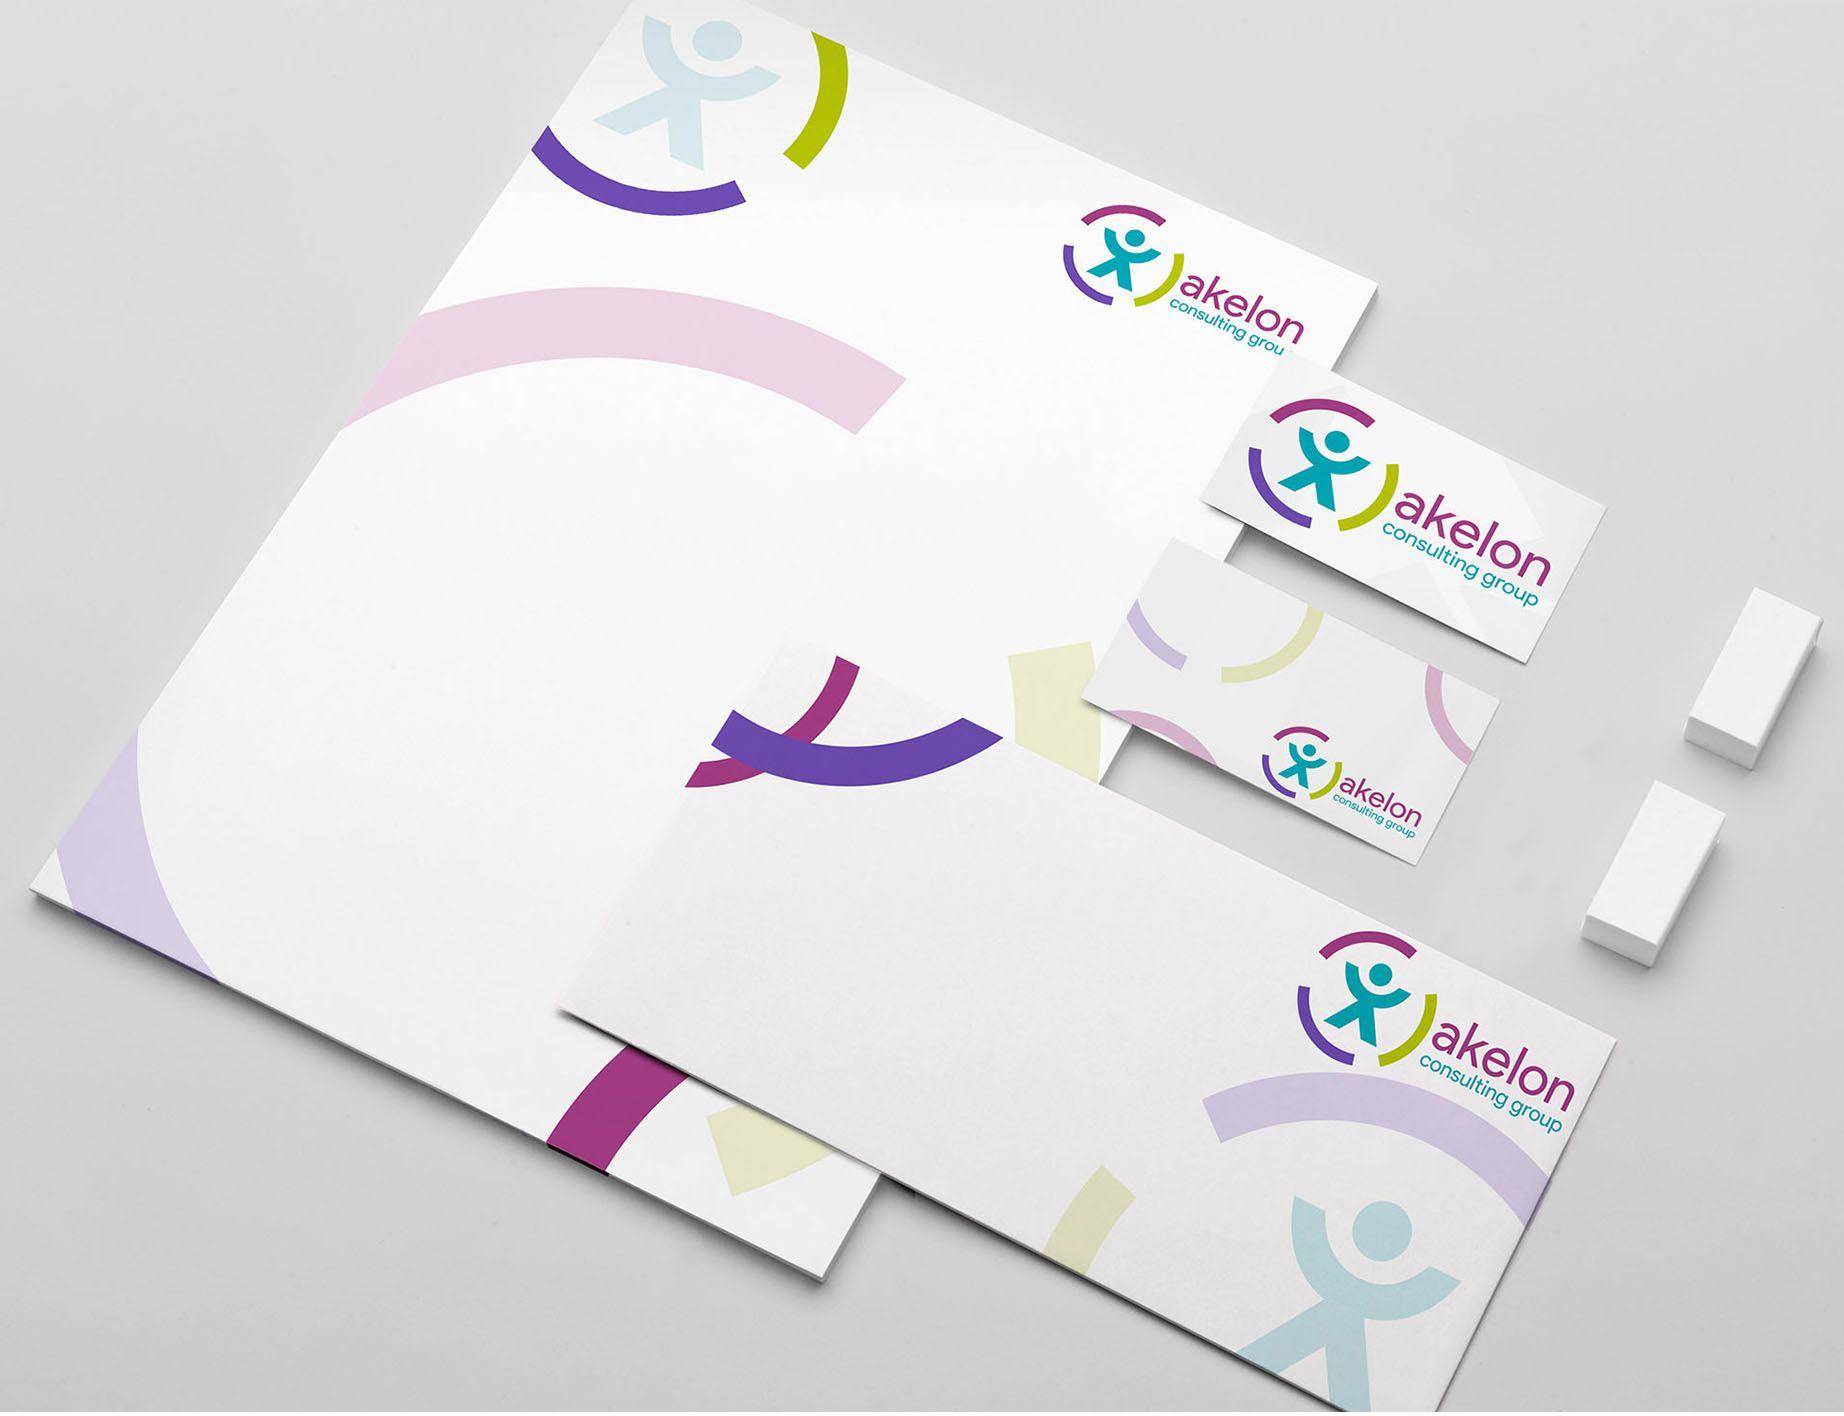 Лого и фирменный стиль для АКЕЛОН - дизайнер glushkova